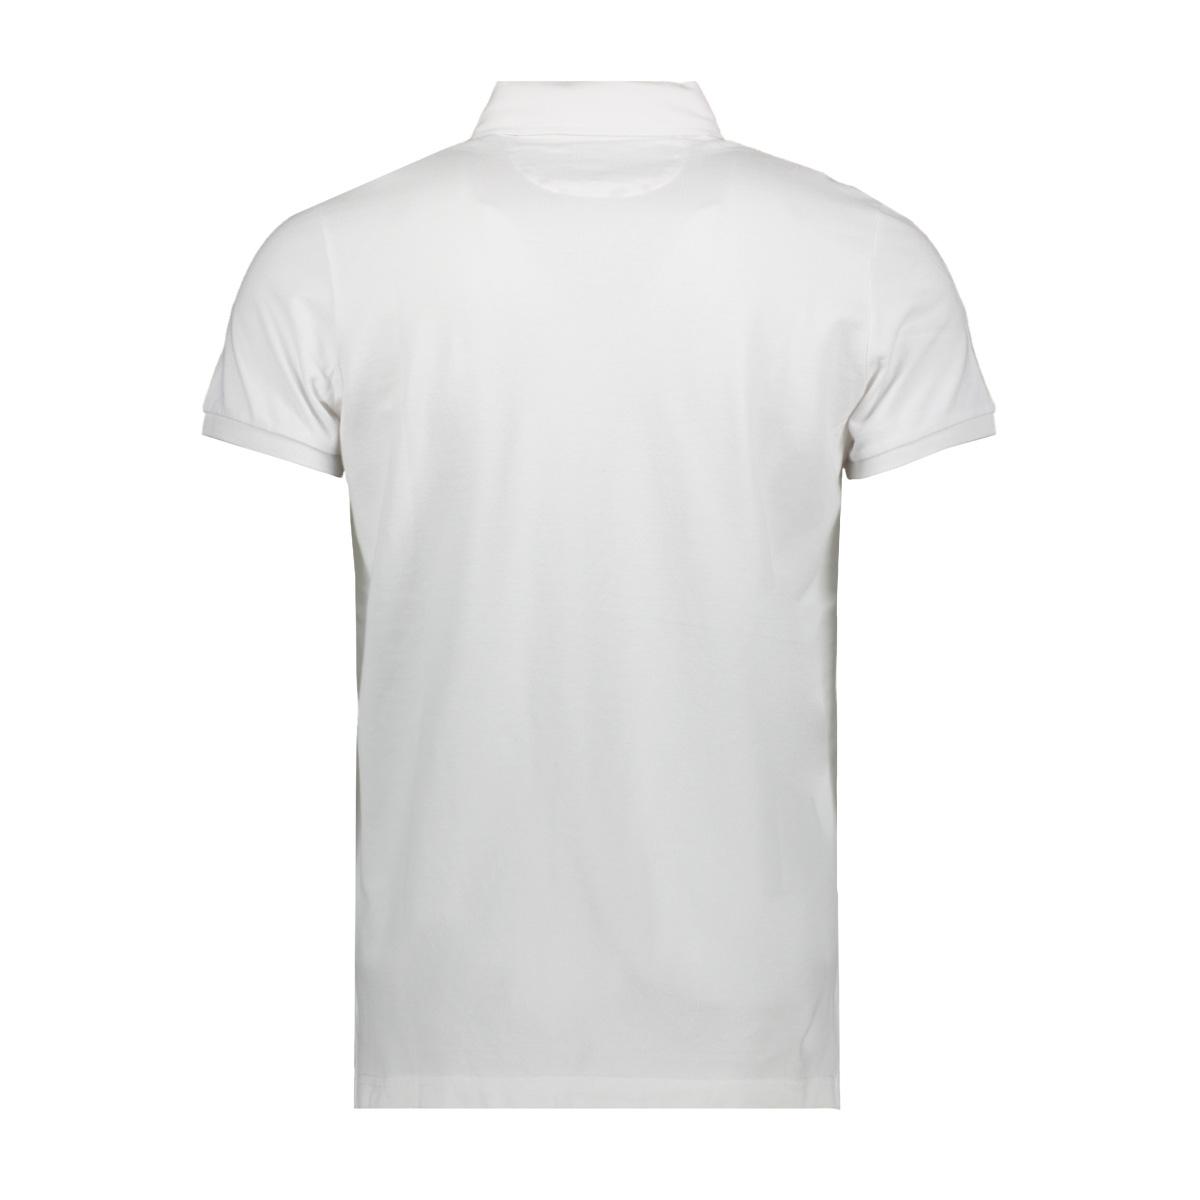 karoro 19cn100 nza polo 10 white